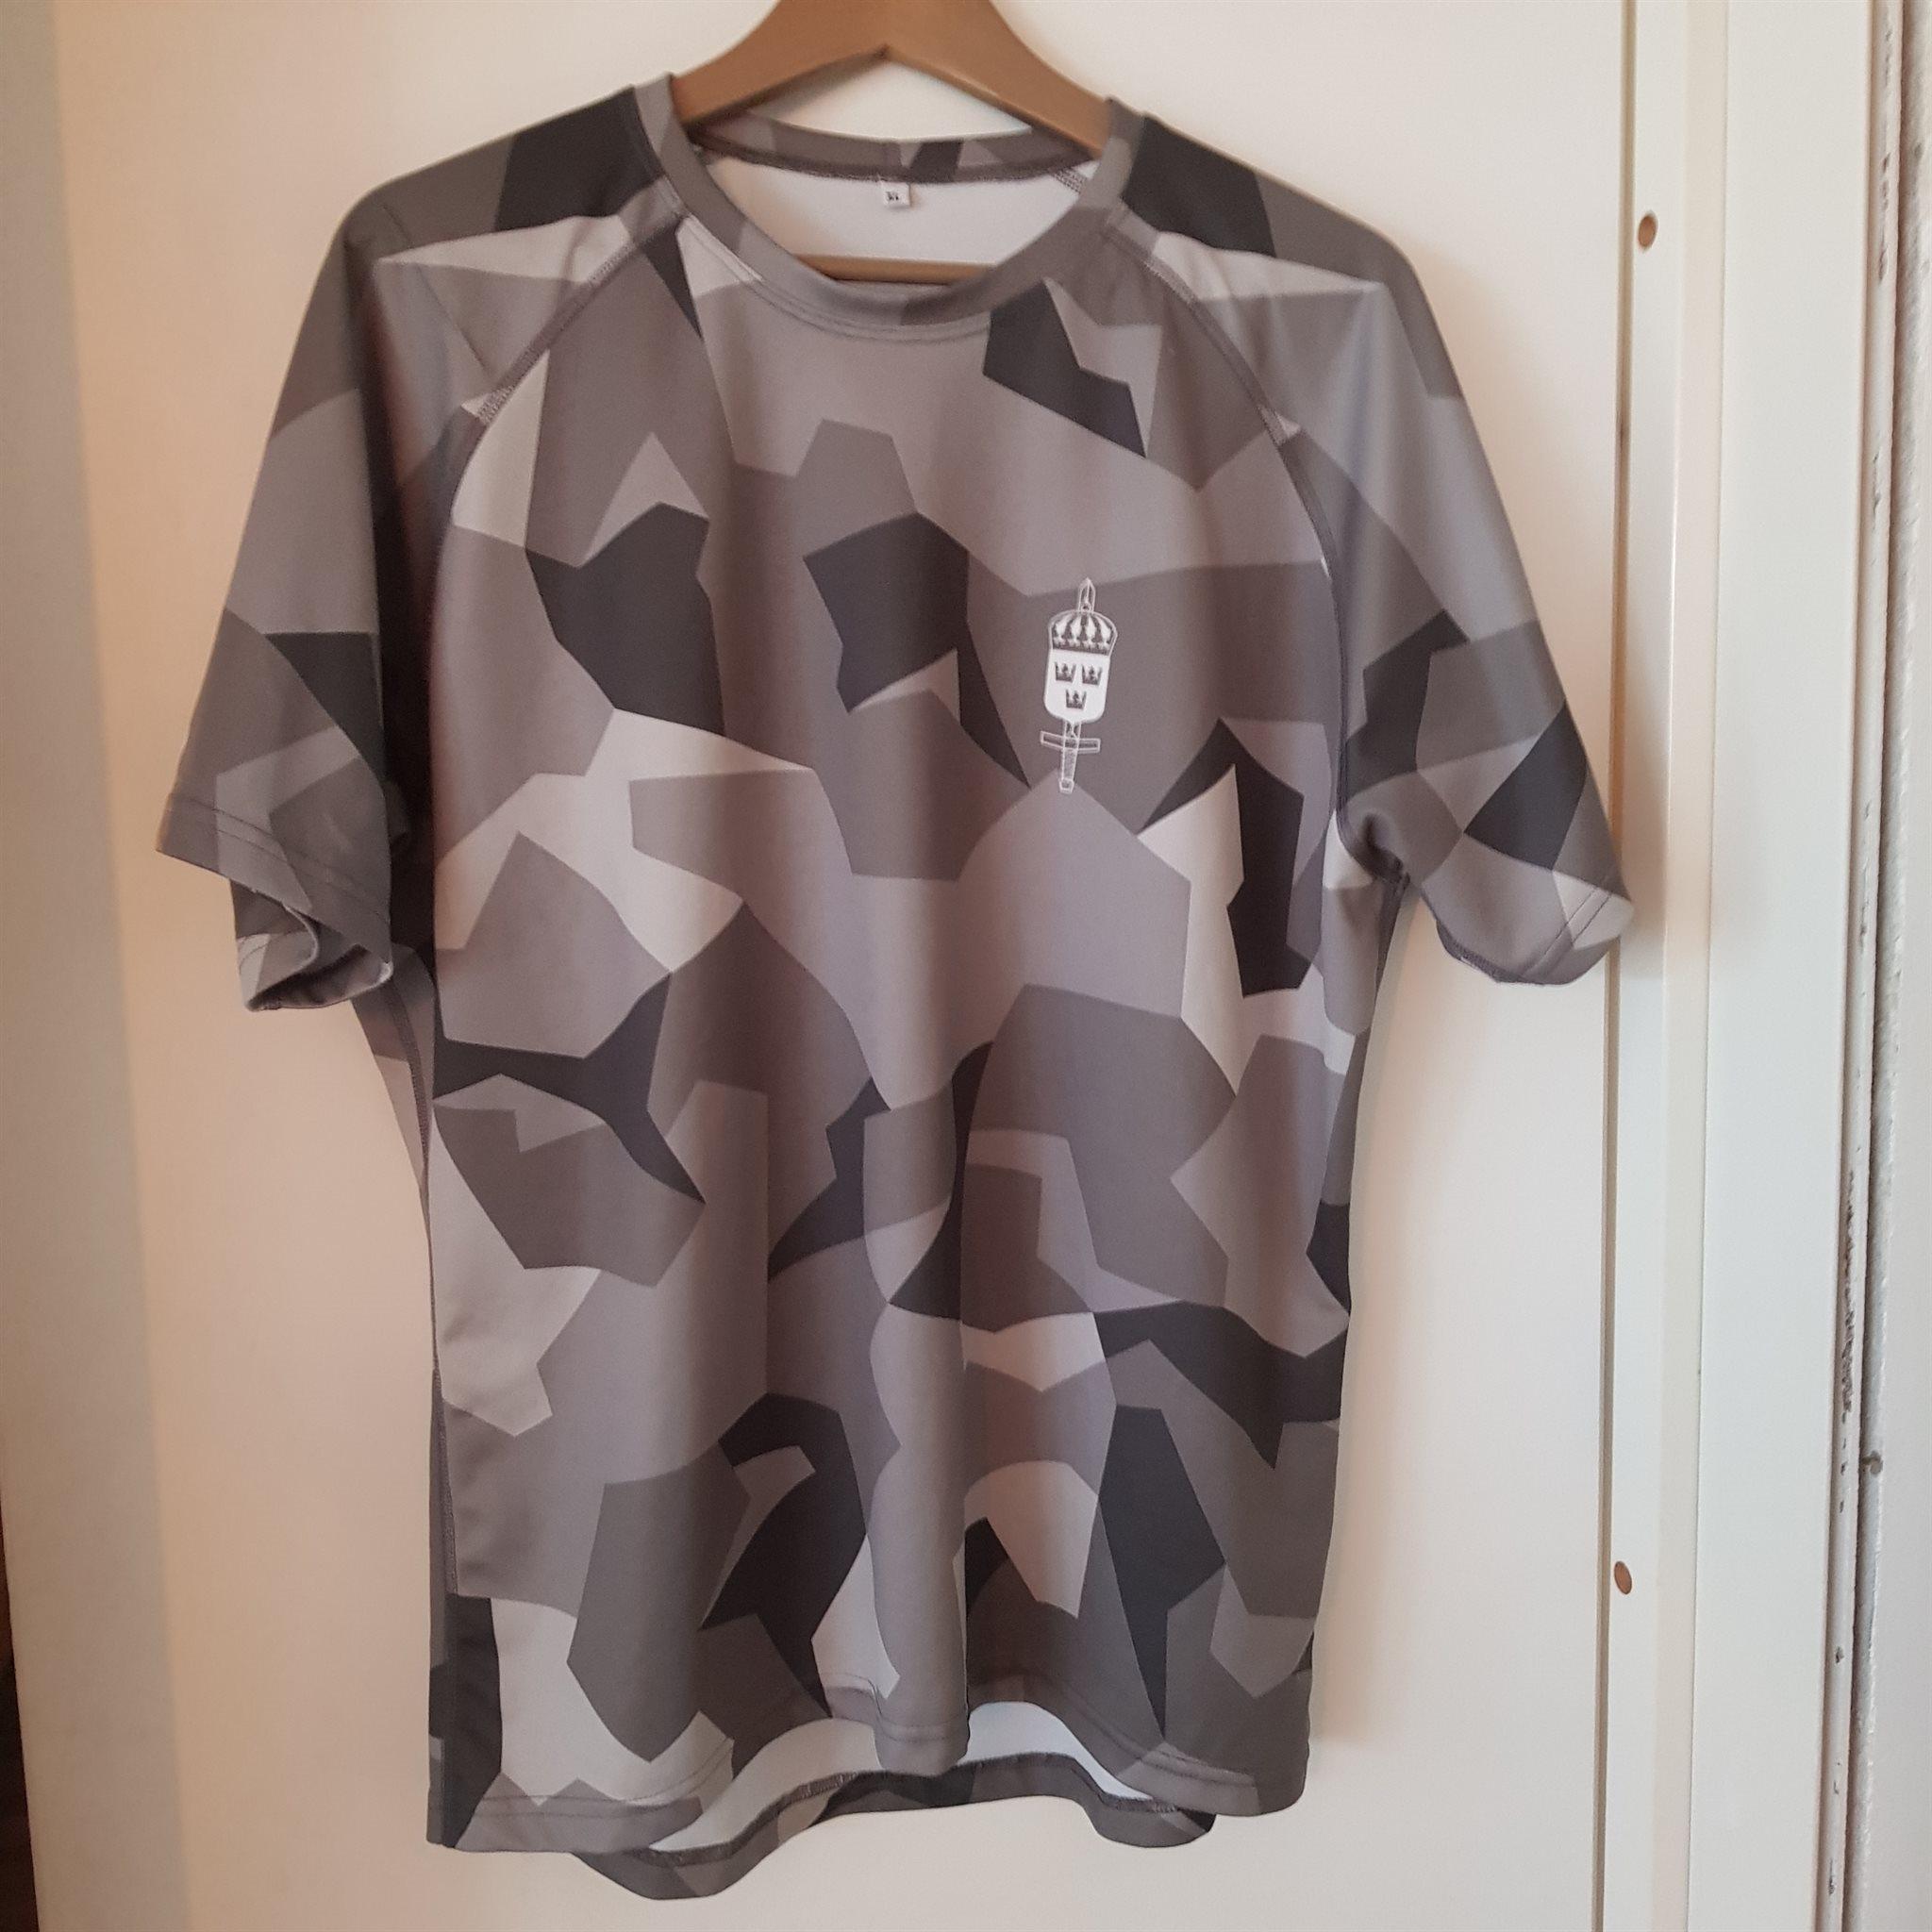 Försvarsmakten t shirt